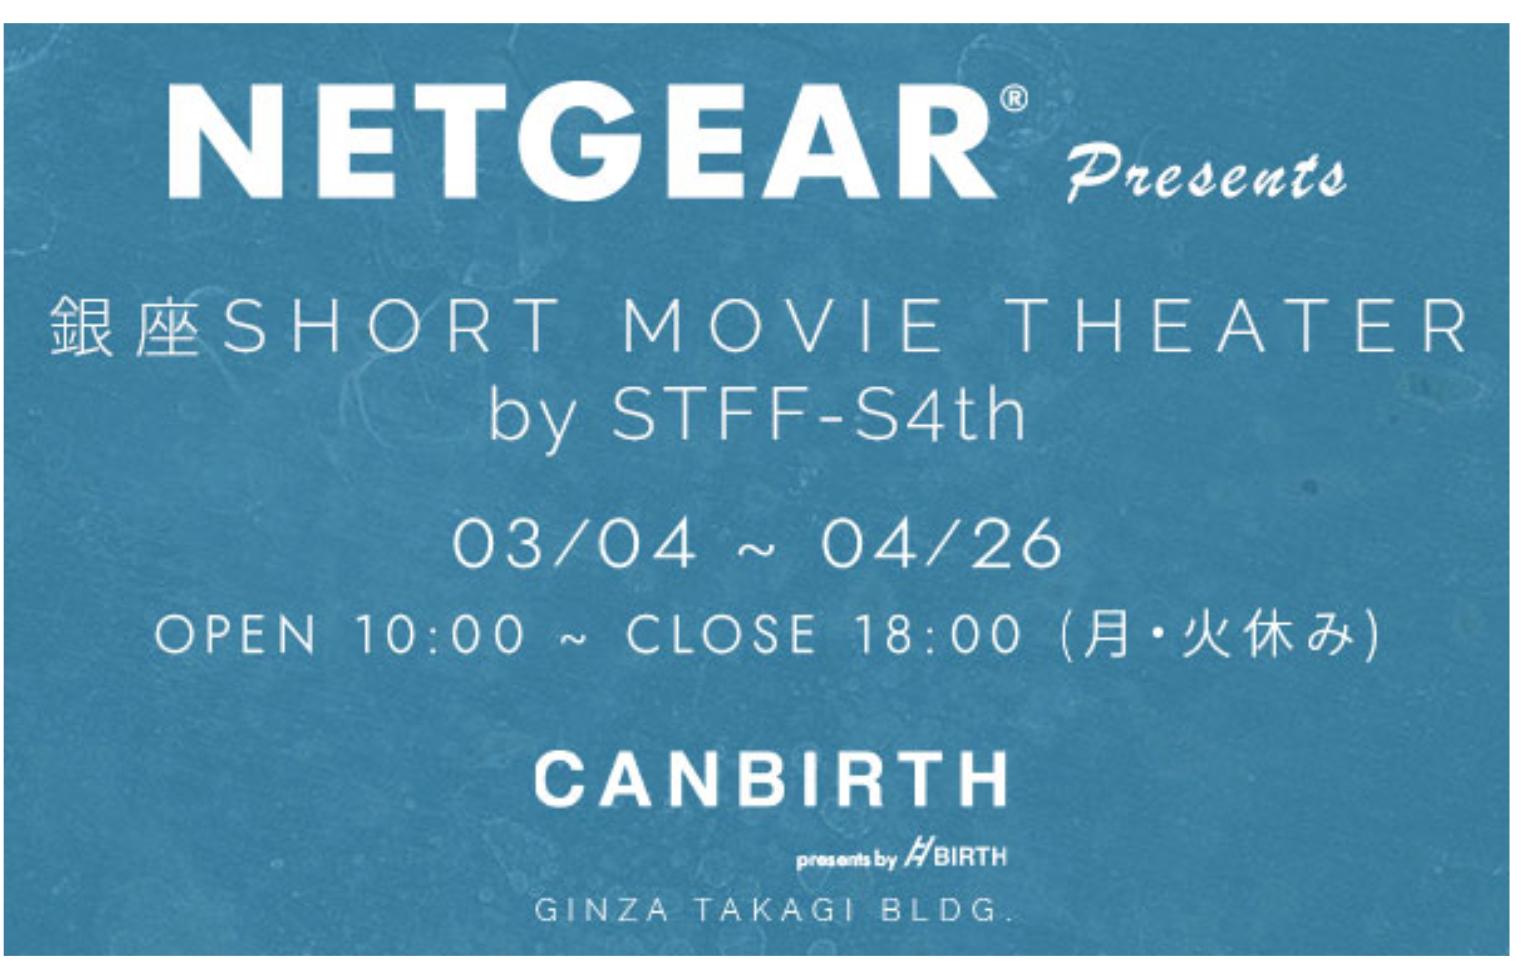 映画イベント「銀座SHORT MOVIE THEATER by STFF-S 4th」で『長生ノスタルジア』の上映が決定!